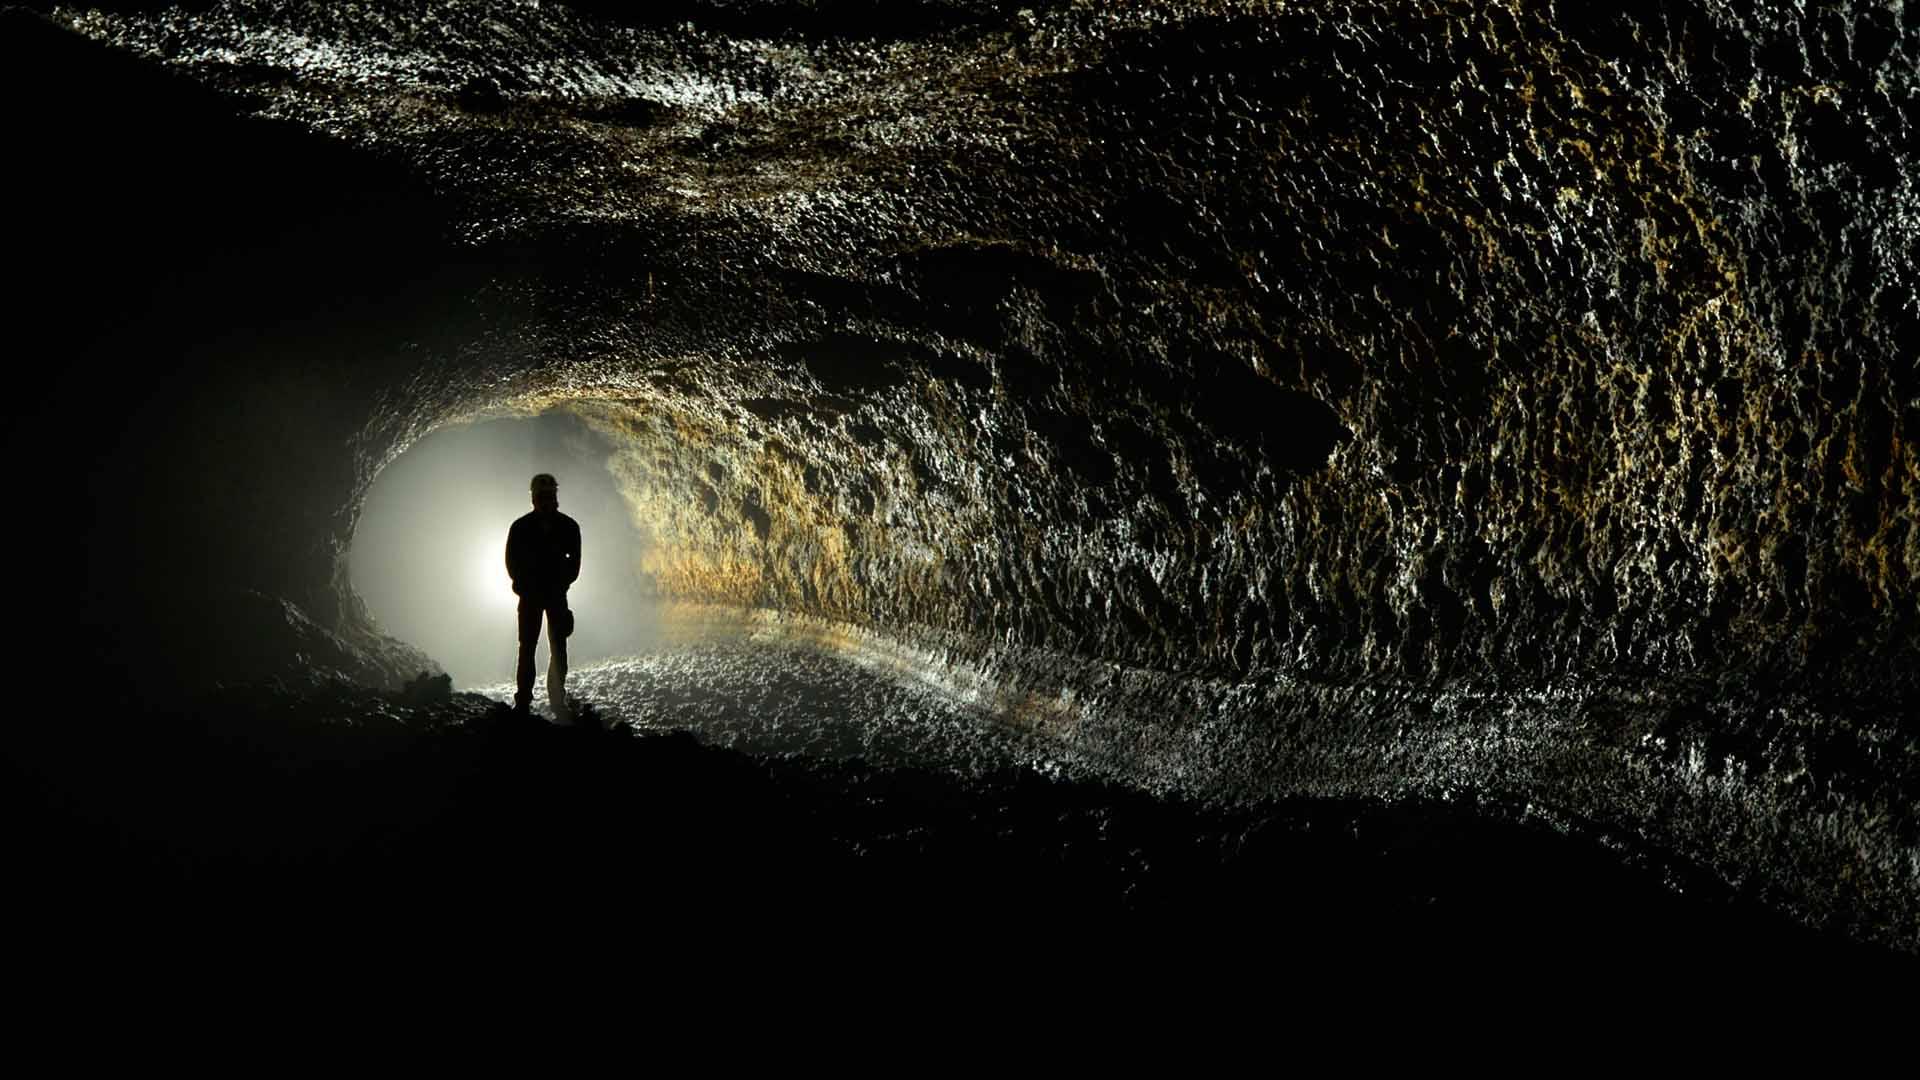 Caverna cueva del viento em Tenerife